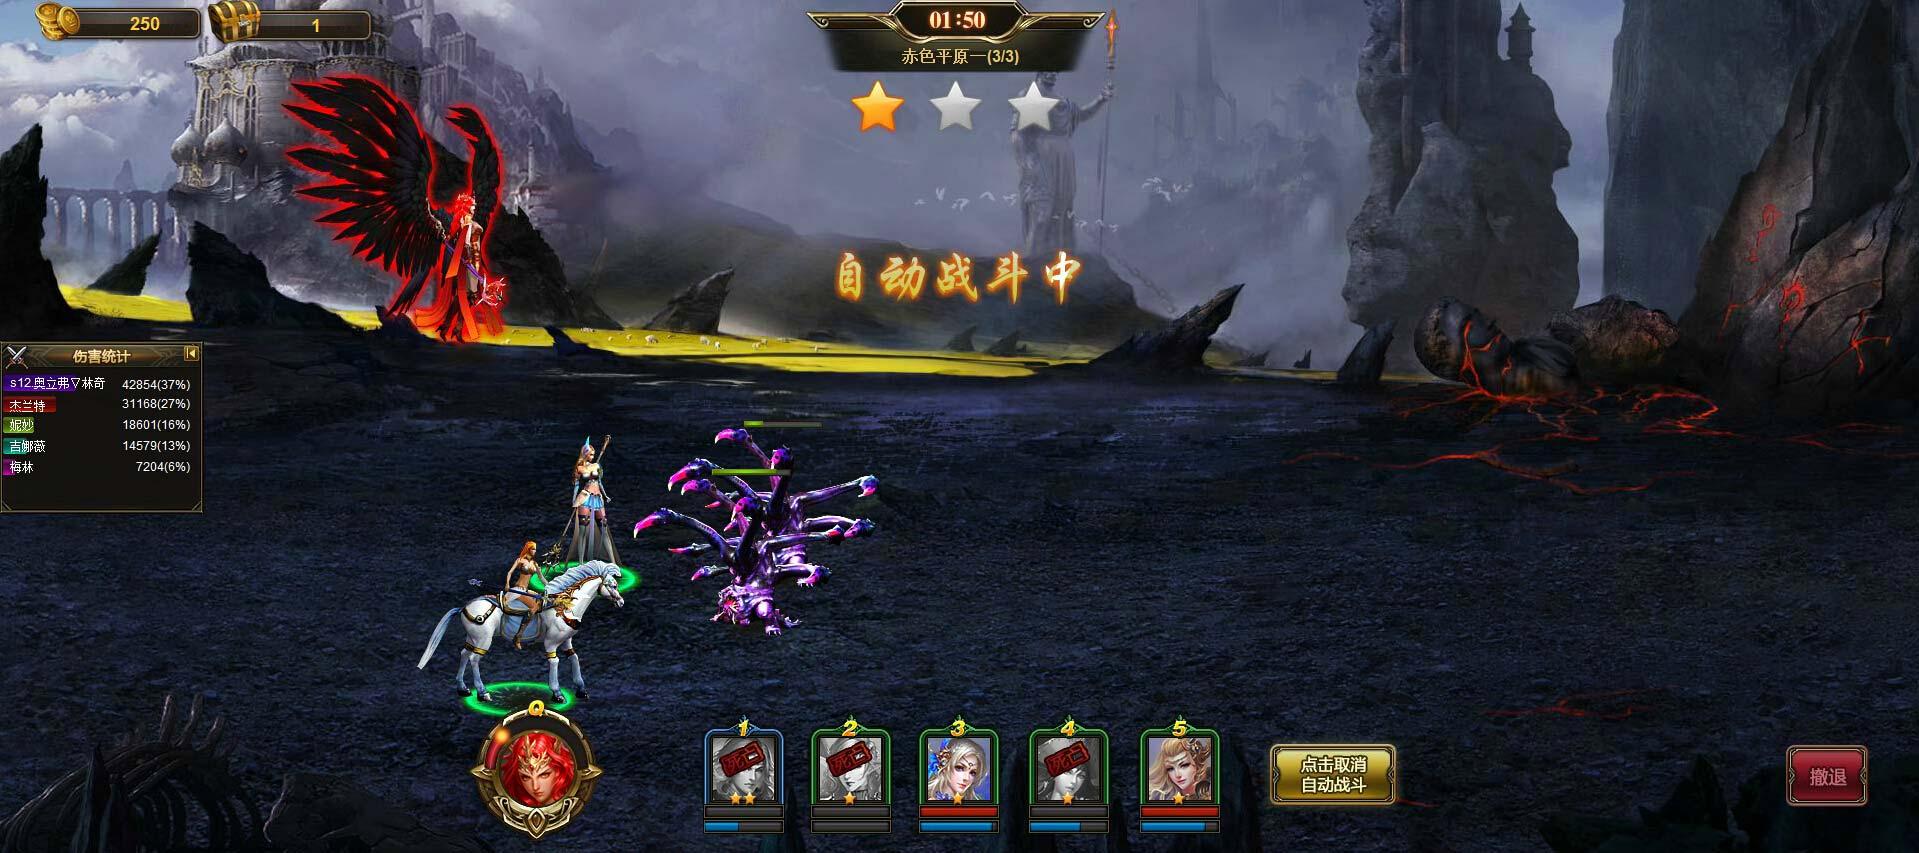 巨龙战纪游戏截图3